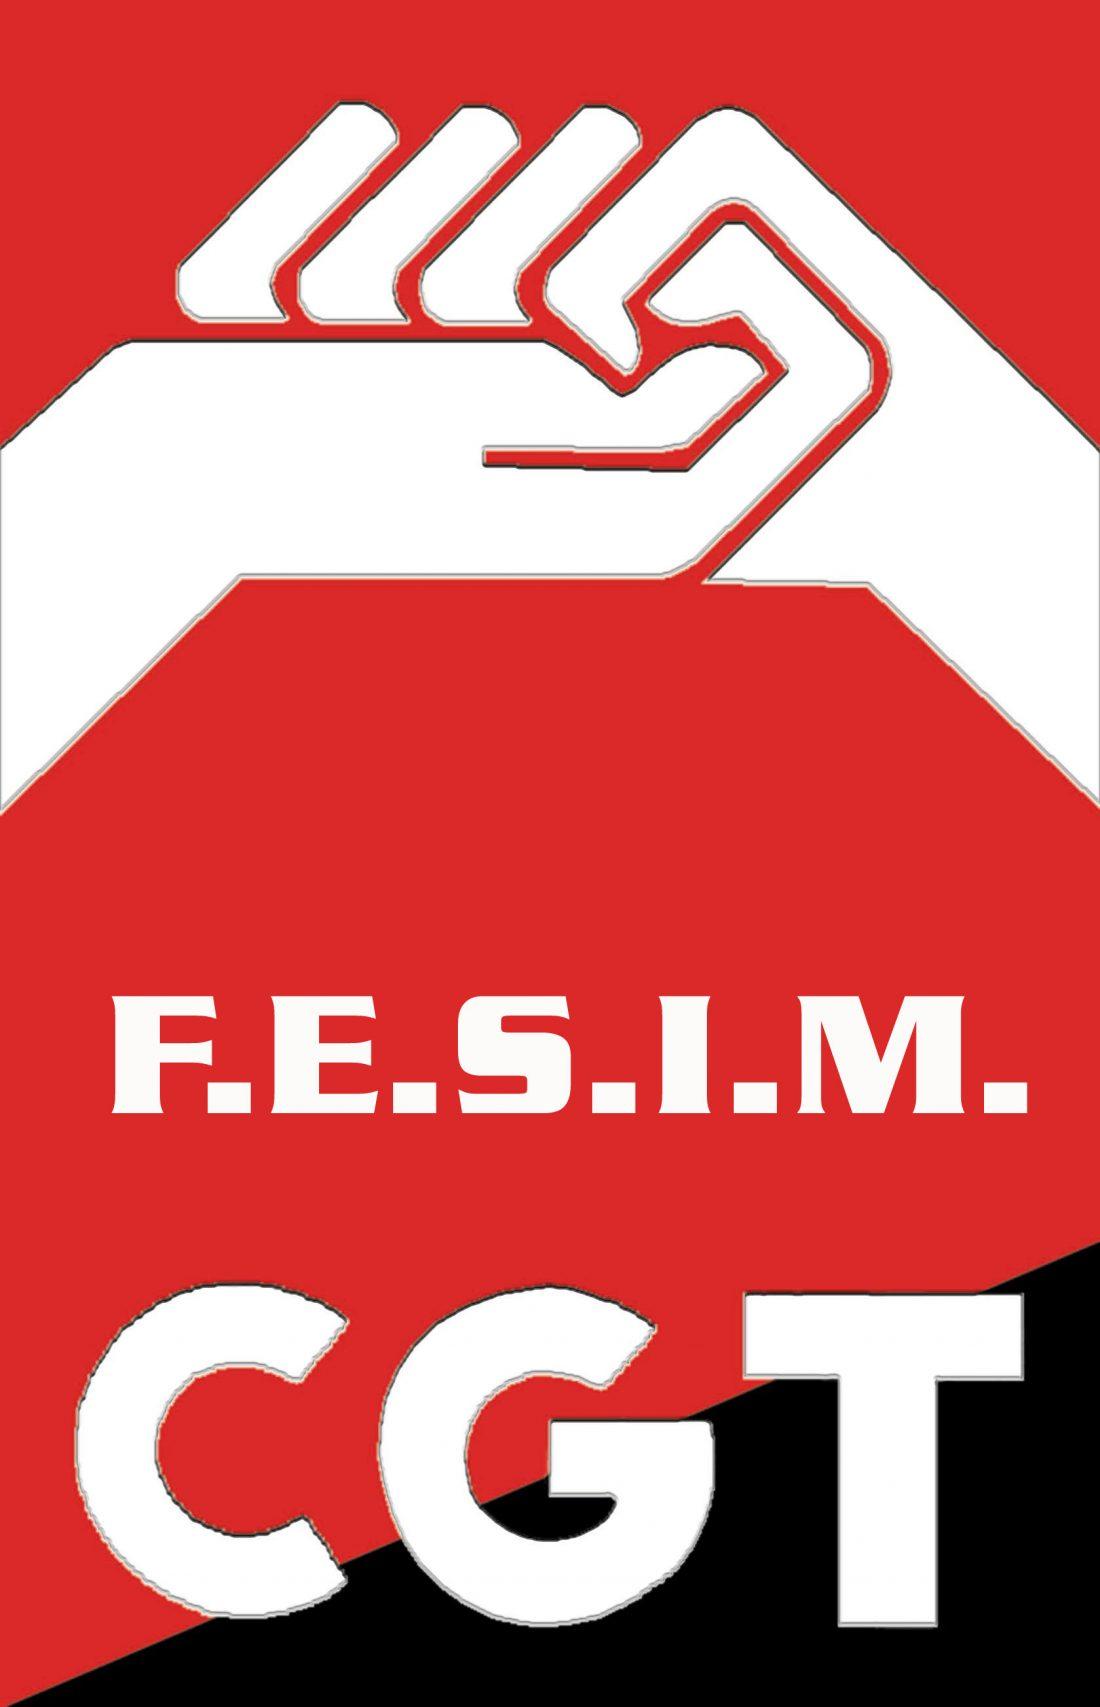 Petición de solidaridad desde la FESIM